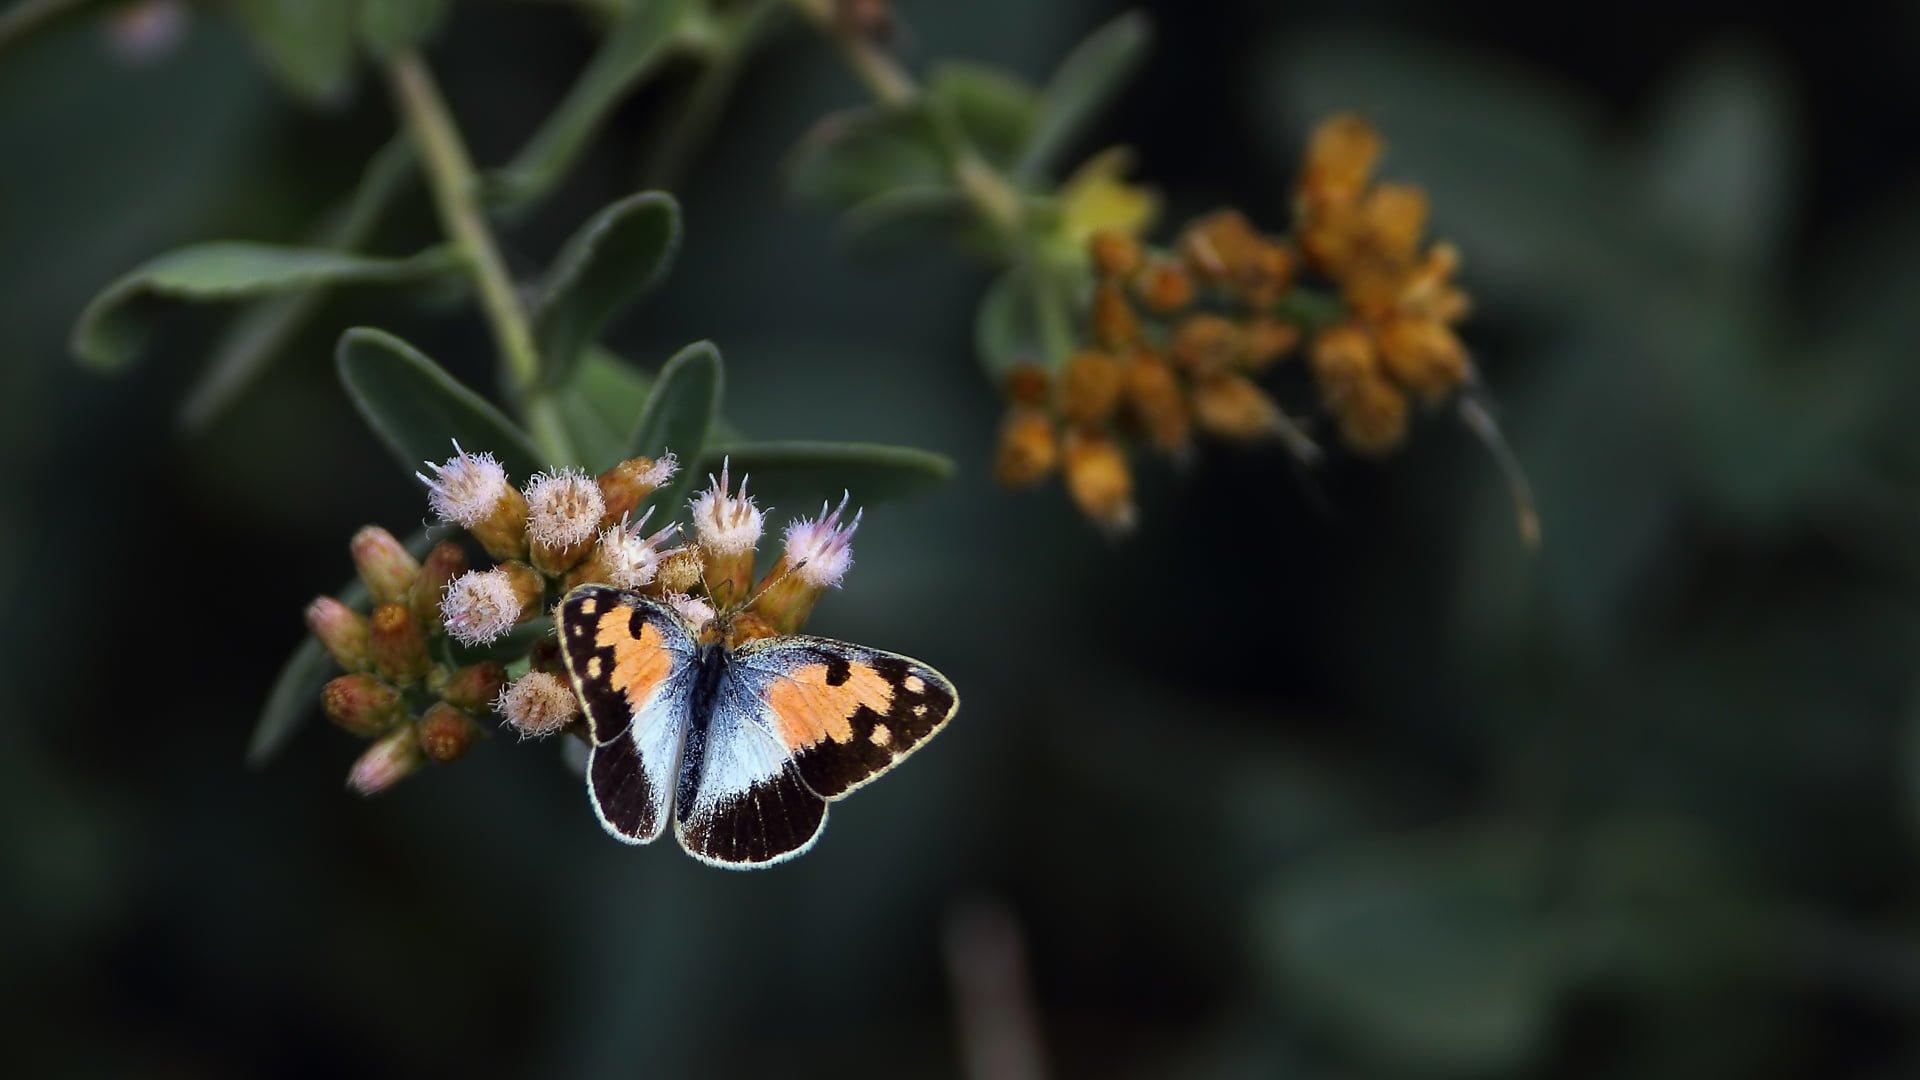 mavi benekli arap kelebeği